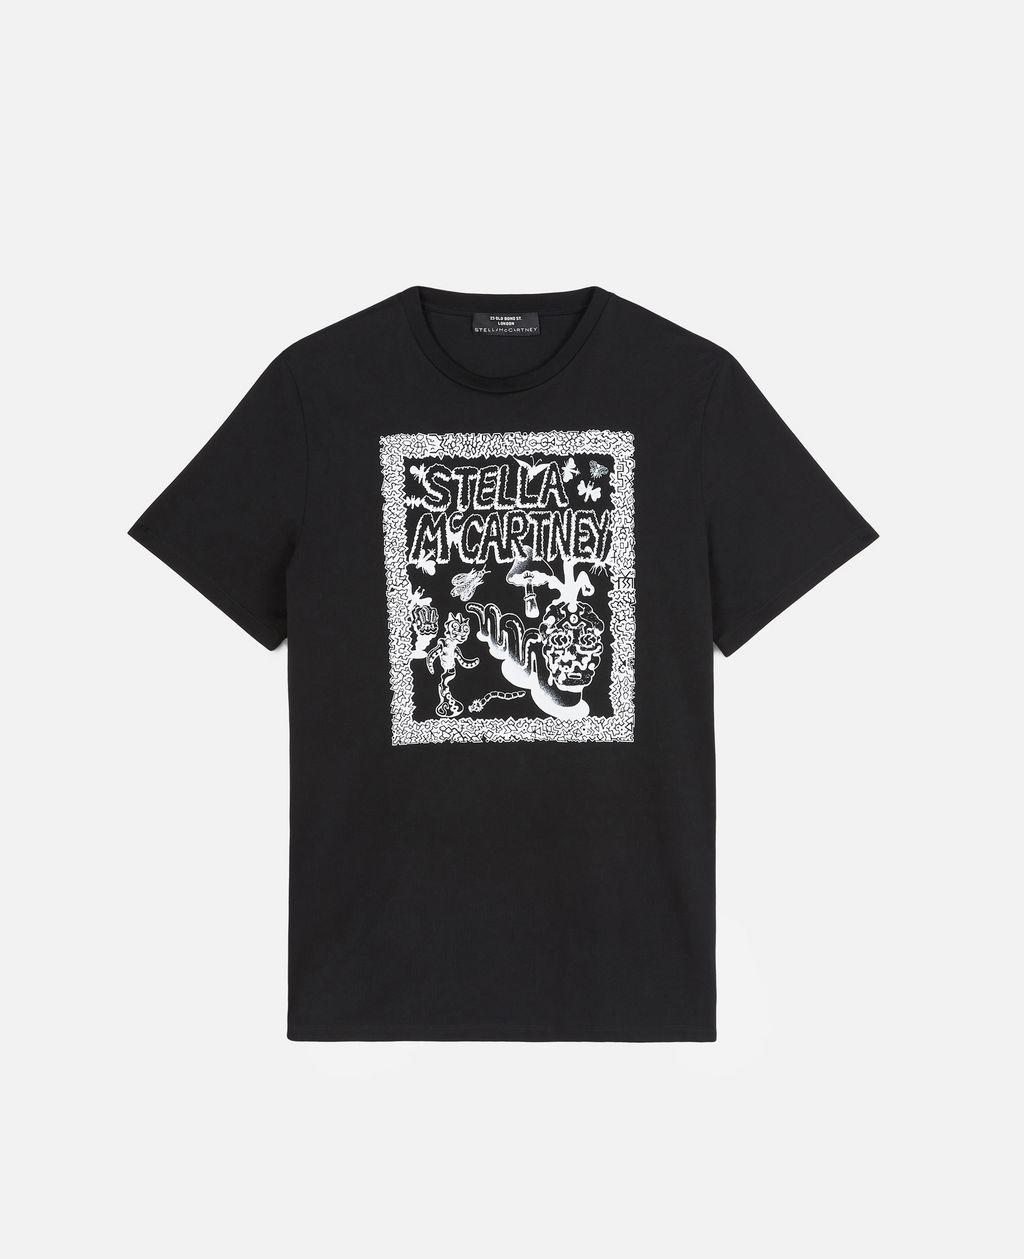 Blanc T-shirt Carbot en coton biologique, Unisex, Size XXS - Stella McCartney - Modalova